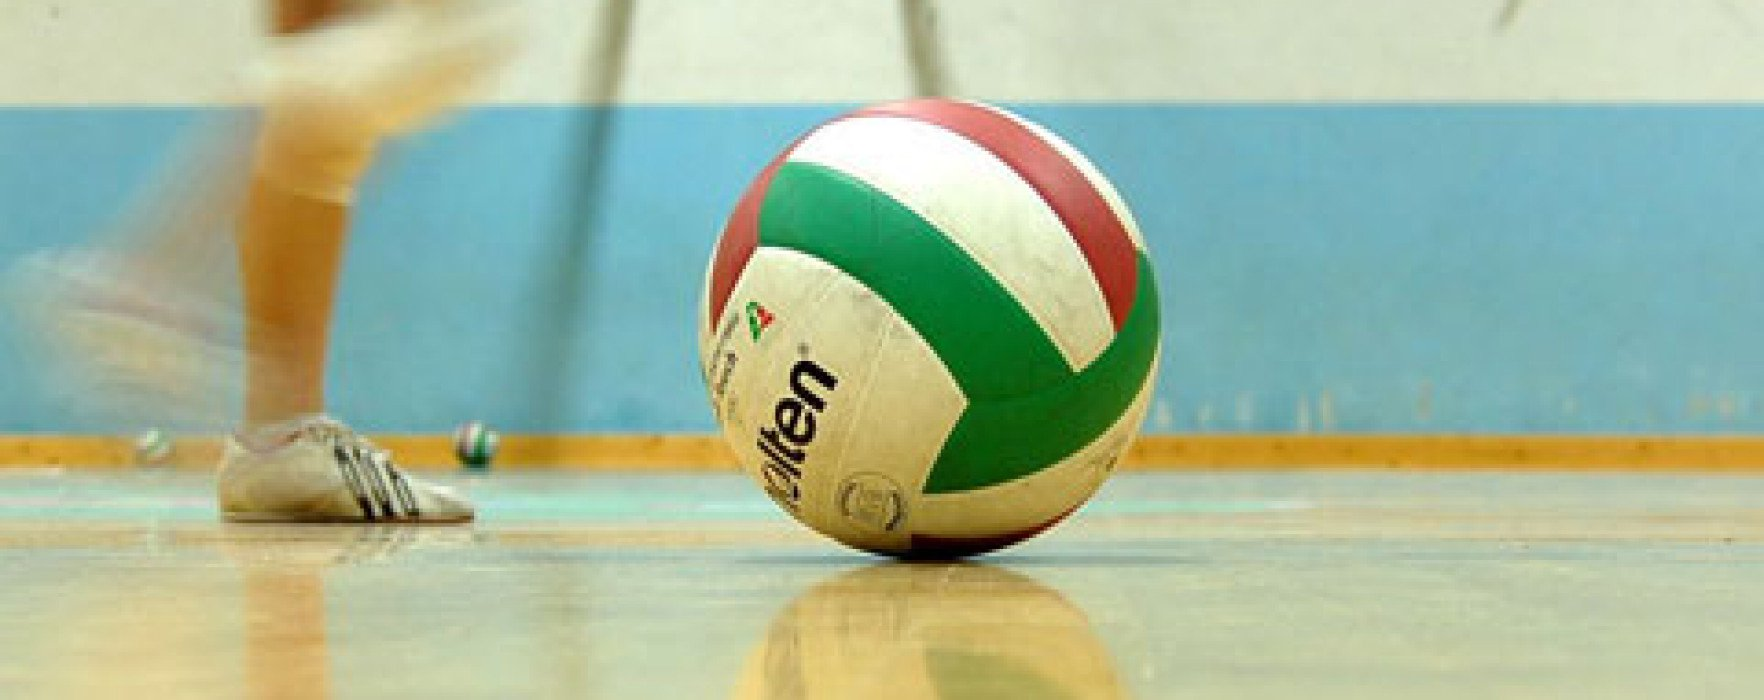 Volley sotto rete con thomas carrer cus ancona - Rete pallavolo piscina ...